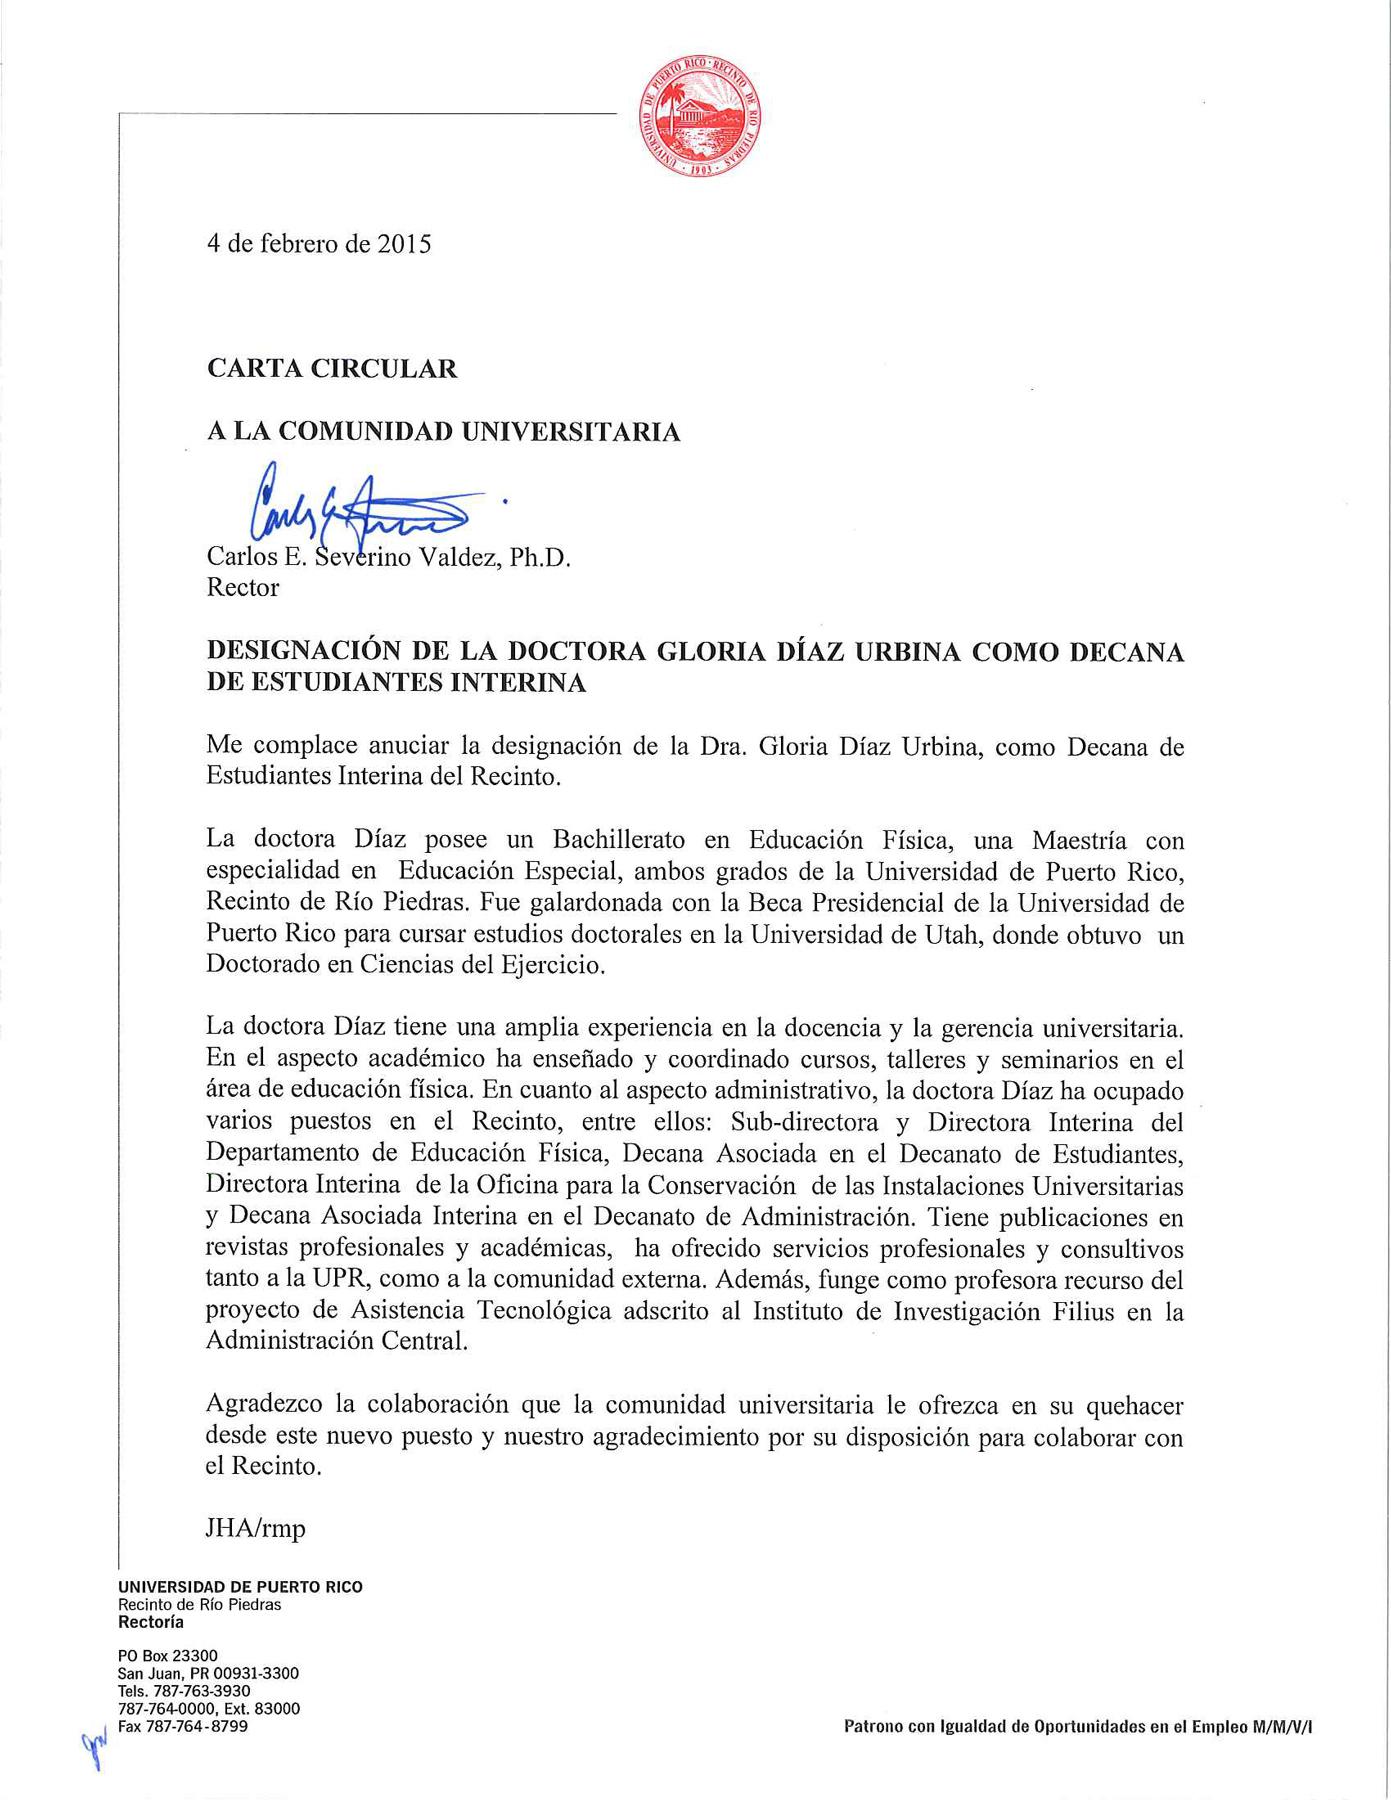 Circular-Designacion-Gloria-Diaz-Urbina-Decana-Int-Estudiantes